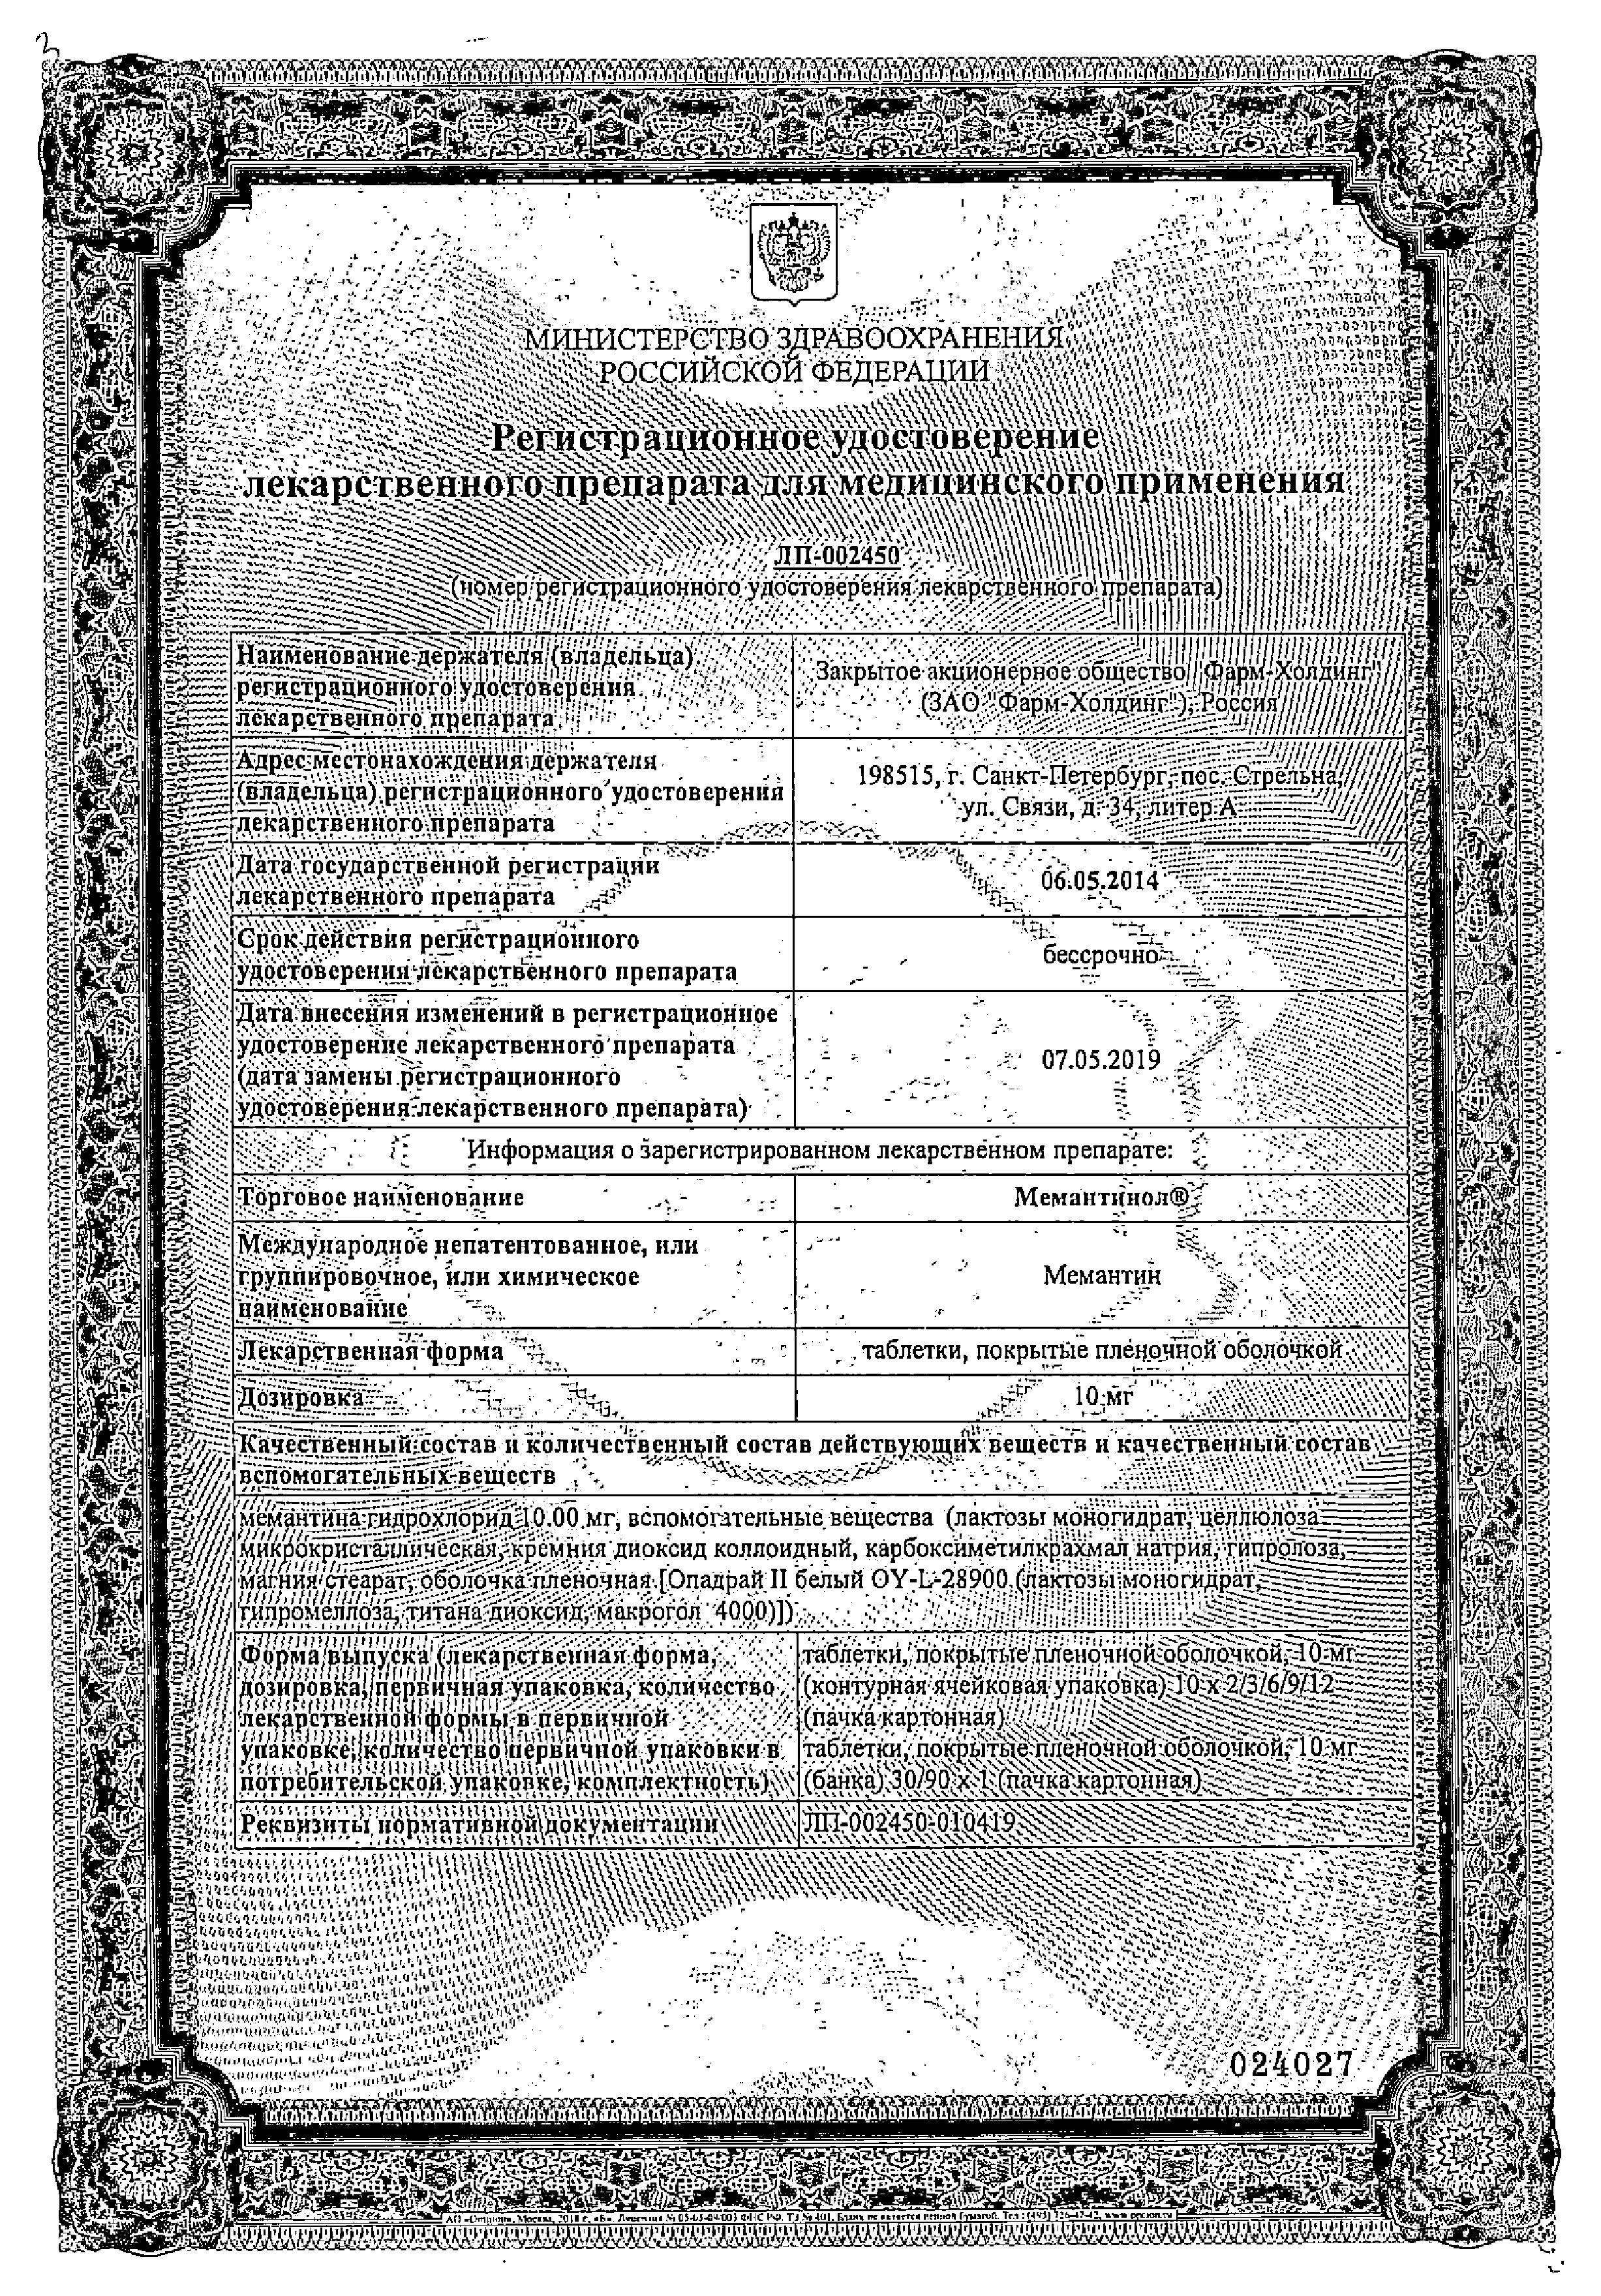 Мемантинол сертификат